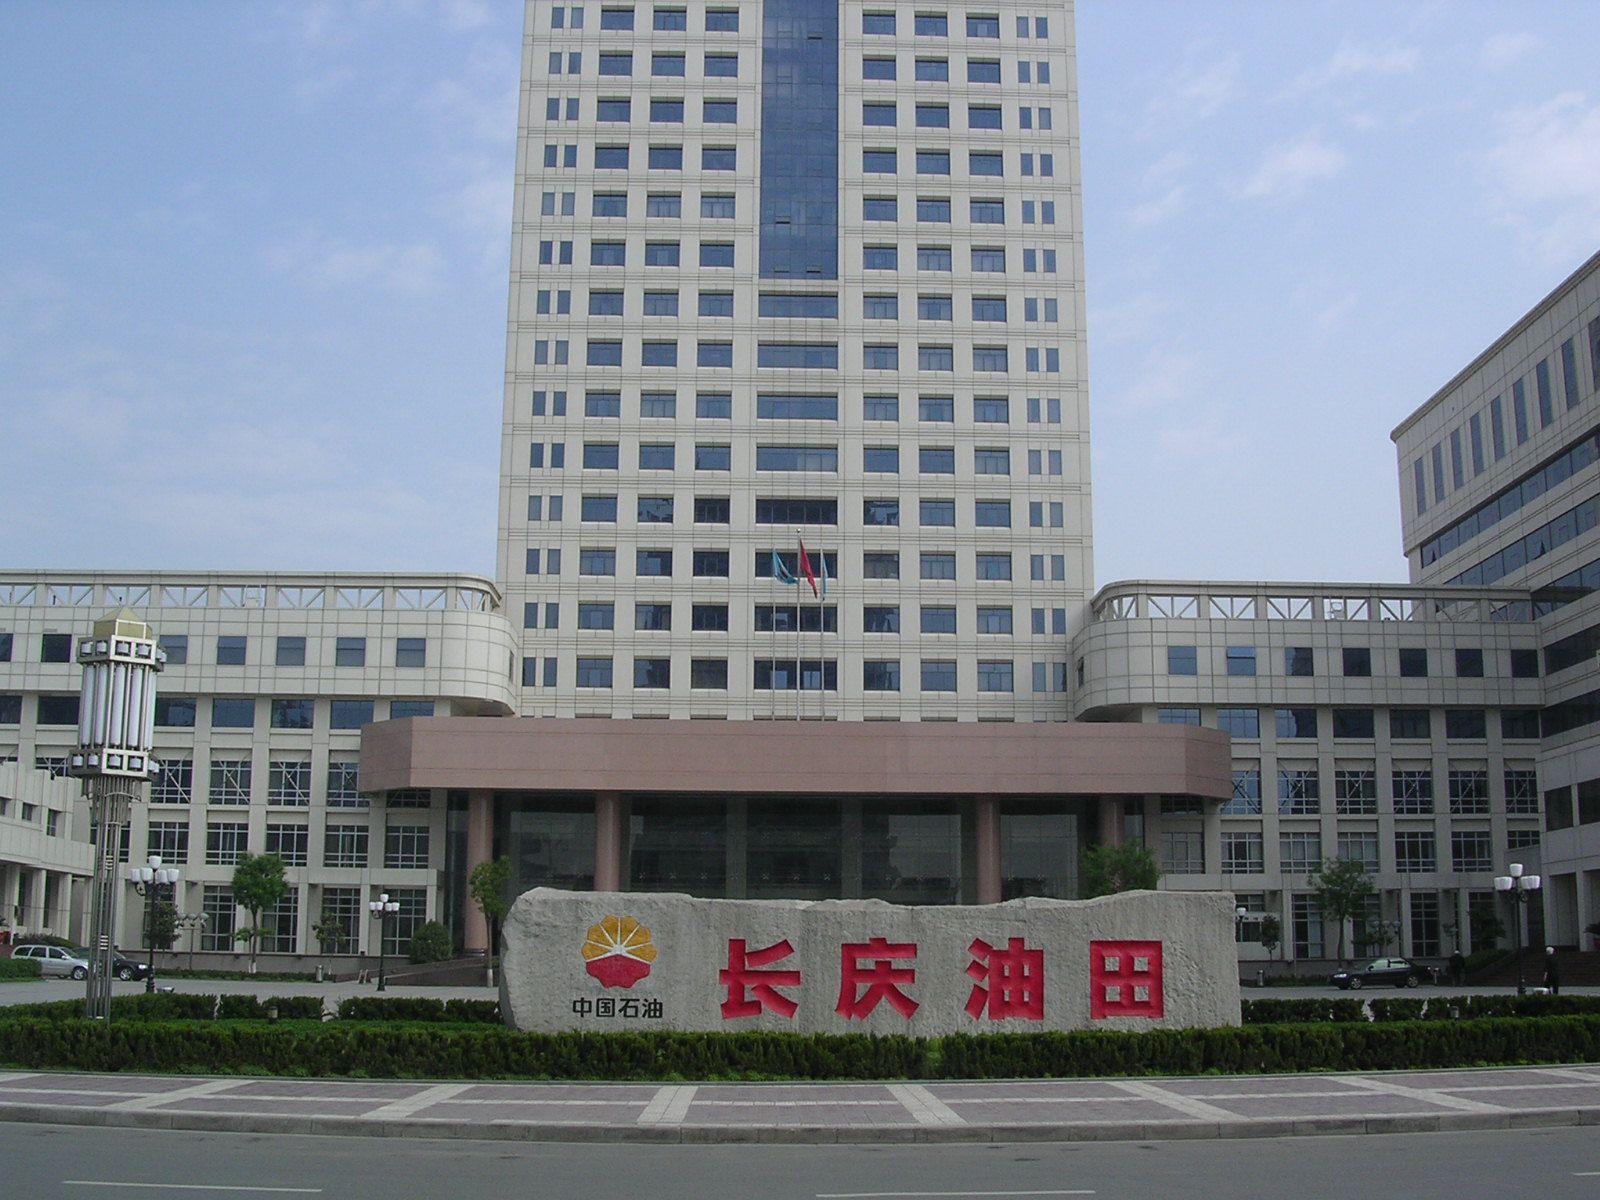 利川长庆风景图片